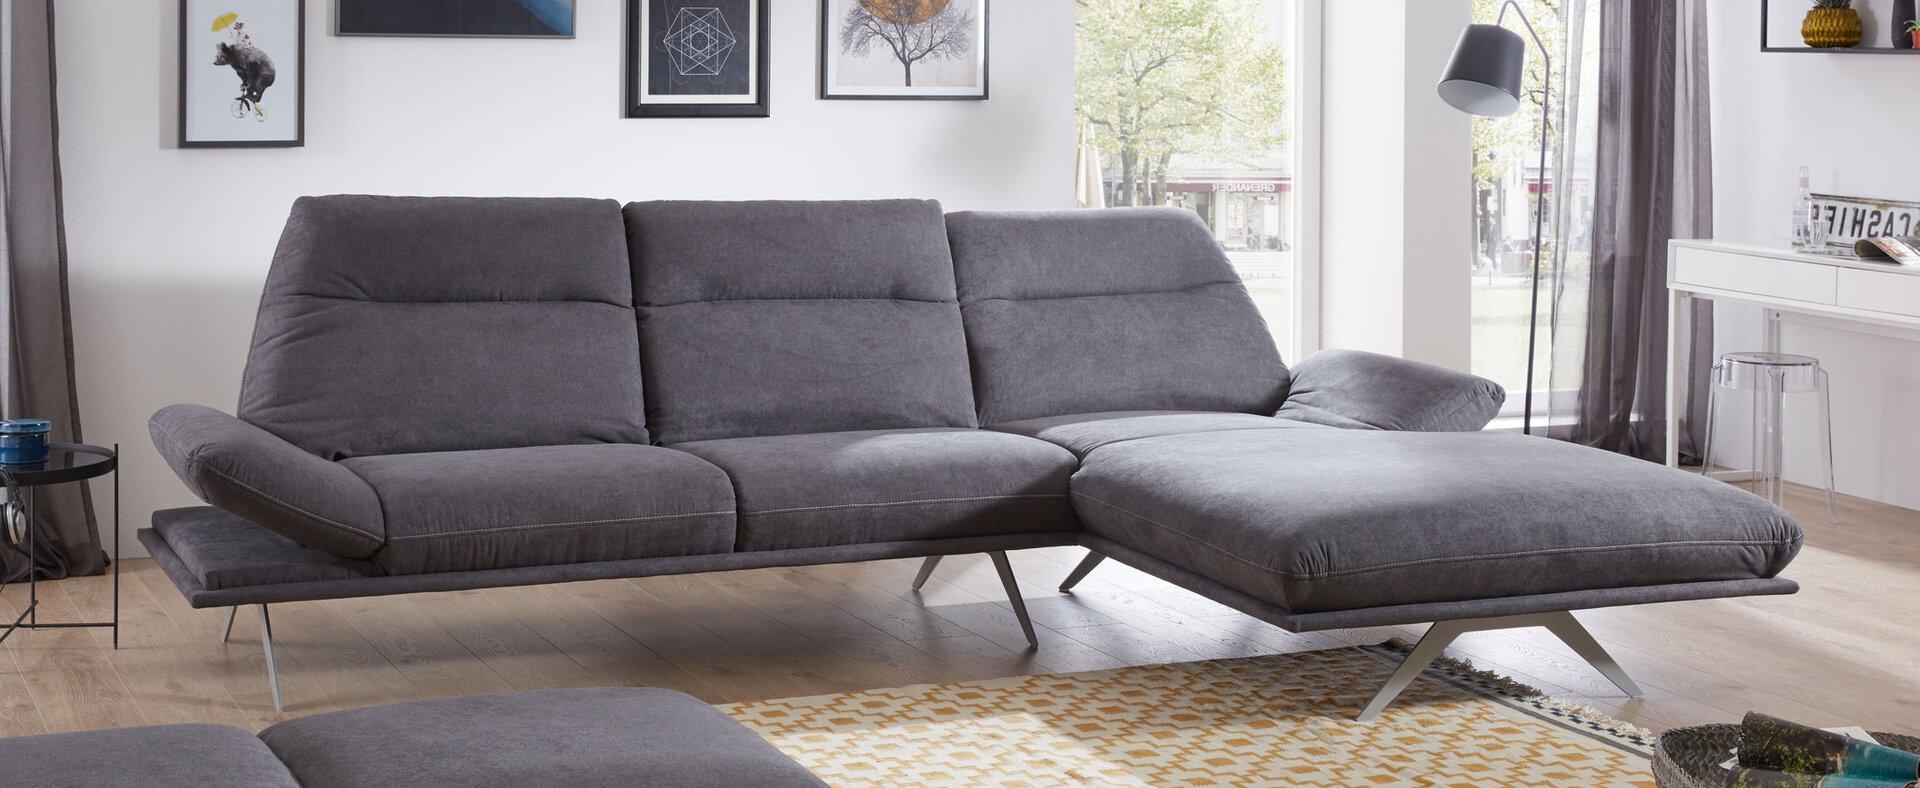 Ecksofa VONOS Vito Textil grau 181 x 128 x 320 cm